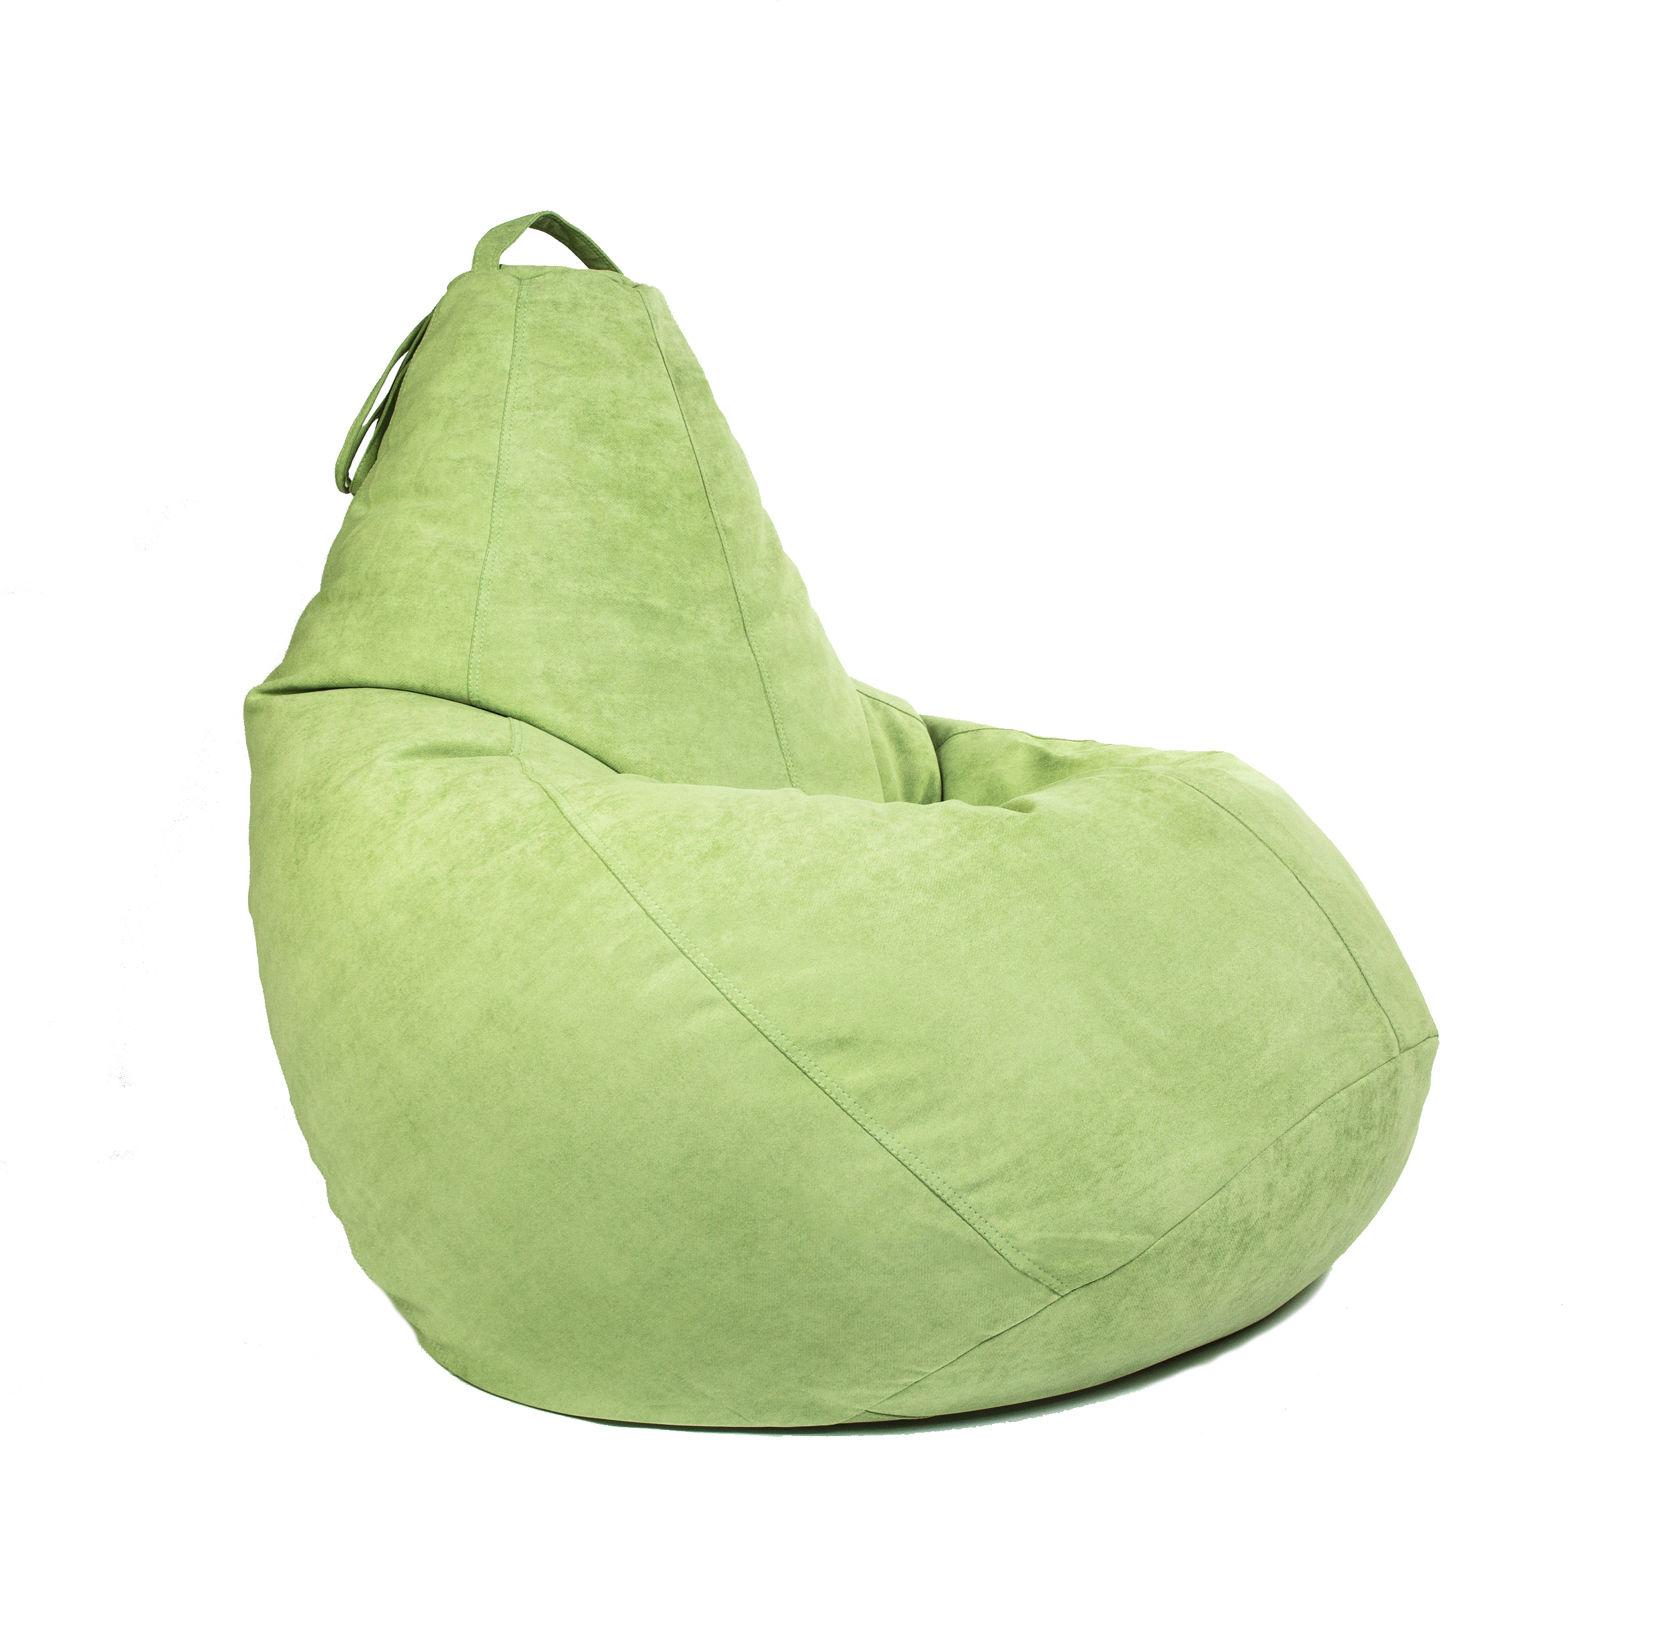 Бескаркасное креслоКресла-мешки<br>&amp;lt;div&amp;gt;Бескаркасное кресло-мешок Boss - это кресло большого размера, которое хорошо поддерживает спину и плечи. Это делает кресло удобным для отдыха. Ткань - микровелюр с коротким ворсом. Коллекция тканей Aкварель была создана по полотнам художника Эдуарда Гау, что придает ей художественный шарм. Прочность ткани 60 000 циклов по Мартиндейлу, что подходит даже для коммерческого использования. Внешний чехол снимается для чистки или стирки в деликатном режиме. Внутренний чехол влагонепроницаемый. Фирменный наполнитель с гарантией 1 год. &amp;amp;nbsp; &amp;amp;nbsp; &amp;amp;nbsp; &amp;amp;nbsp;&amp;amp;nbsp;&amp;lt;/div&amp;gt;&amp;lt;div&amp;gt;&amp;amp;nbsp; &amp;amp;nbsp; &amp;amp;nbsp; &amp;amp;nbsp; &amp;amp;nbsp; &amp;amp;nbsp; &amp;amp;nbsp; &amp;amp;nbsp; &amp;amp;nbsp; &amp;amp;nbsp; &amp;amp;nbsp; &amp;amp;nbsp; &amp;amp;nbsp; &amp;amp;nbsp; &amp;amp;nbsp; &amp;amp;nbsp; &amp;amp;nbsp; &amp;amp;nbsp; &amp;amp;nbsp; &amp;amp;nbsp; &amp;amp;nbsp; &amp;amp;nbsp; &amp;amp;nbsp; &amp;amp;nbsp; &amp;amp;nbsp; &amp;amp;nbsp; &amp;amp;nbsp; &amp;amp;nbsp; &amp;amp;nbsp; &amp;amp;nbsp; &amp;amp;nbsp; &amp;amp;nbsp; &amp;amp;nbsp; &amp;amp;nbsp; &amp;amp;nbsp; &amp;amp;nbsp; &amp;amp;nbsp; &amp;amp;nbsp; &amp;amp;nbsp; &amp;amp;nbsp; &amp;amp;nbsp; &amp;amp;nbsp; &amp;amp;nbsp; &amp;amp;nbsp; &amp;amp;nbsp; &amp;amp;nbsp; &amp;amp;nbsp; &amp;amp;nbsp; &amp;amp;nbsp; &amp;amp;nbsp; &amp;amp;nbsp;&amp;amp;nbsp;&amp;lt;/div&amp;gt;&amp;lt;div&amp;gt;Высота кресла............................150 см&amp;lt;/div&amp;gt;&amp;lt;div&amp;gt;Диаметр кресла...........................95 см&amp;lt;/div&amp;gt;&amp;lt;div&amp;gt;Высота посадки............................50 см&amp;lt;/div&amp;gt;&amp;lt;div&amp;gt;Объем наполнения....................0,35 м3&amp;lt;/div&amp;gt;&amp;lt;div&amp;gt;Нагрузка (max).............................250 кг&amp;lt;/div&amp;gt;&amp;lt;div&amp;gt;Вес кресла....................................7- 8 кг&amp